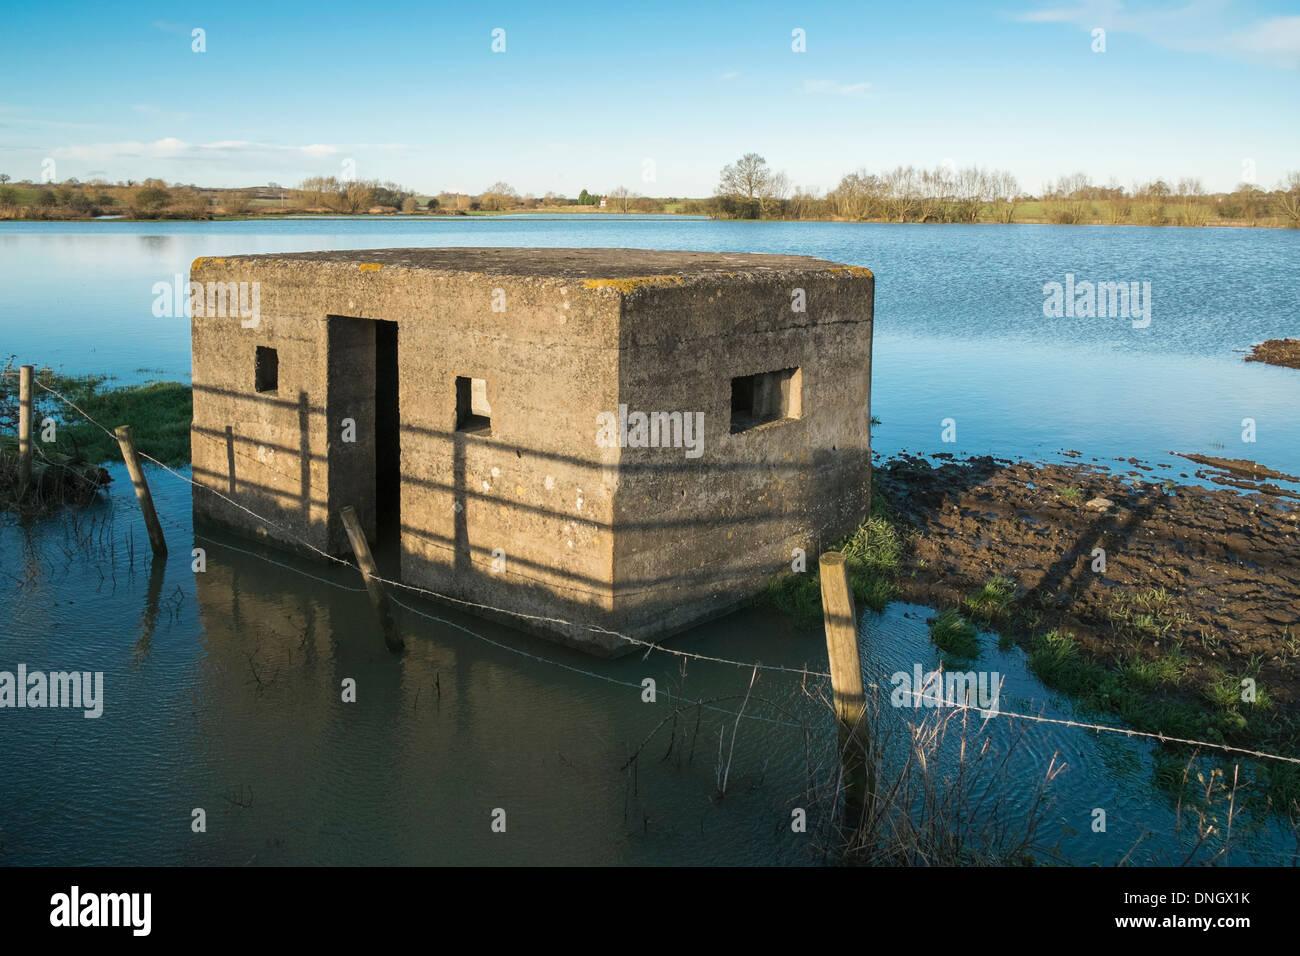 II Guerra Mondiale porta pillole in campo inondato Somerton Oxfordshire England Regno Unito Immagini Stock